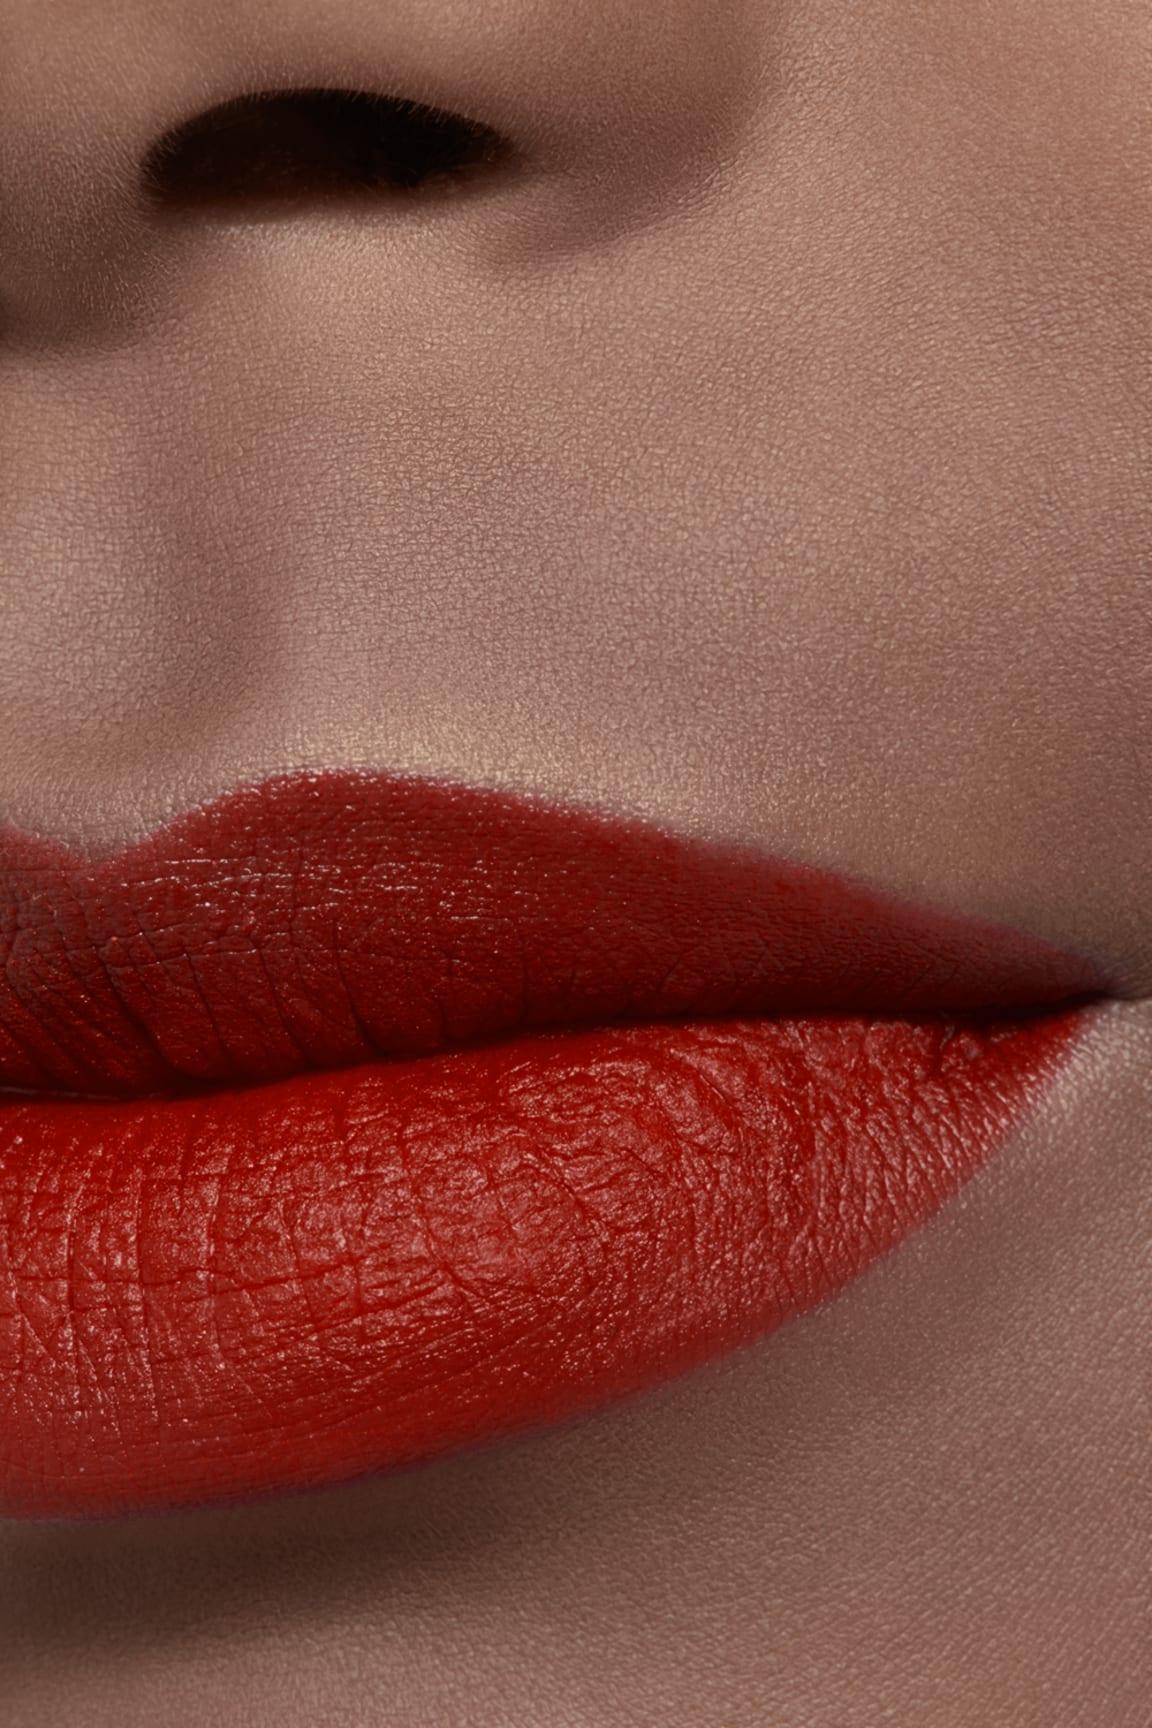 Application makeup visual 2 - ROUGE ALLURE VELVET LE LION DE CHANEL 277 - ROUGE FAUVE